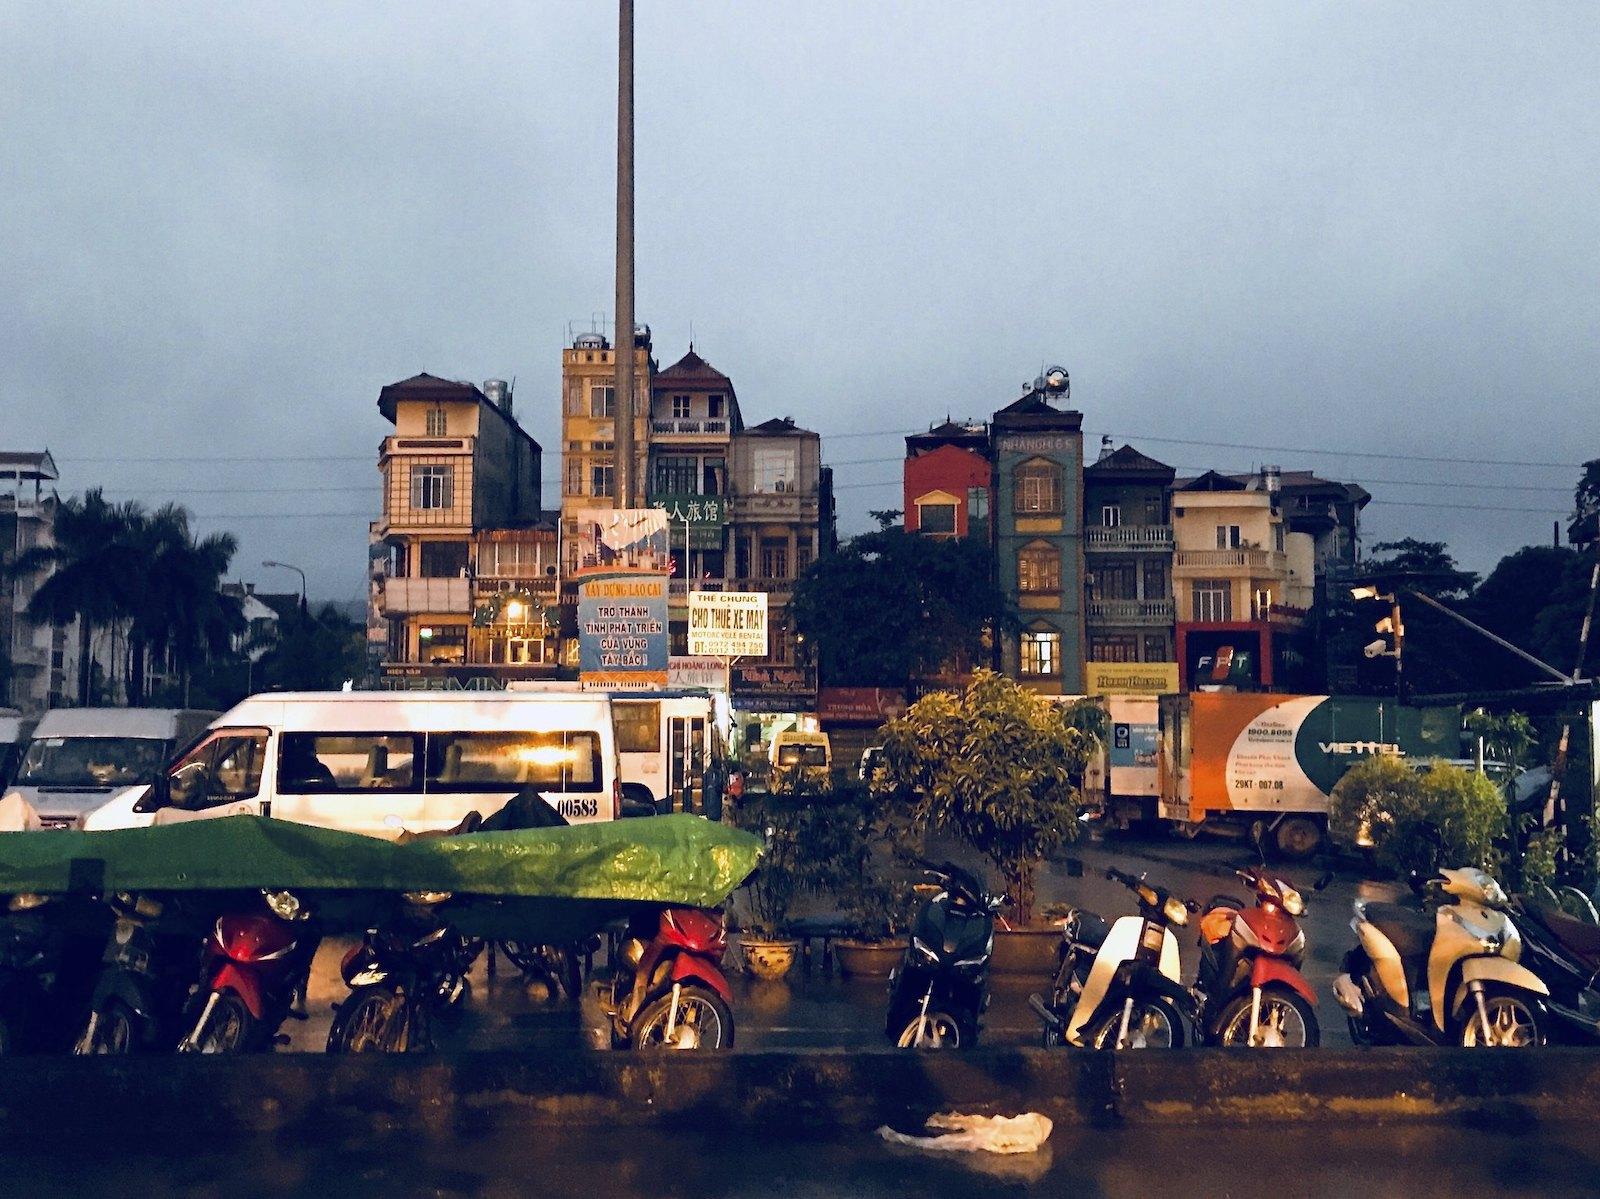 Image of motorbikes in Lao Cai, Vietnam